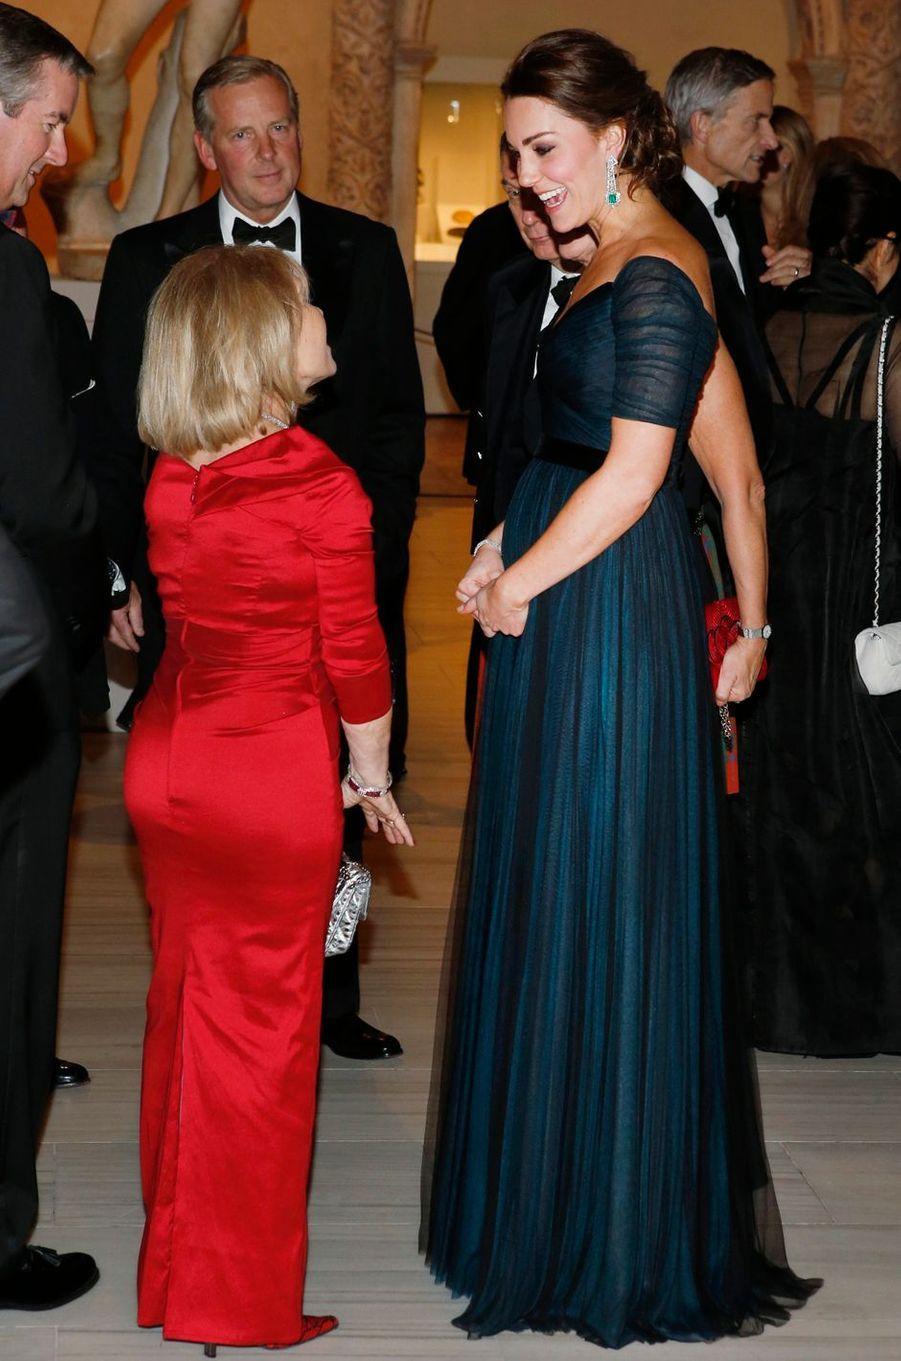 La duchesse Catherine de Cambridge parée de bijoux en émeraudes et diamants à New York, le 9 décembre 2014